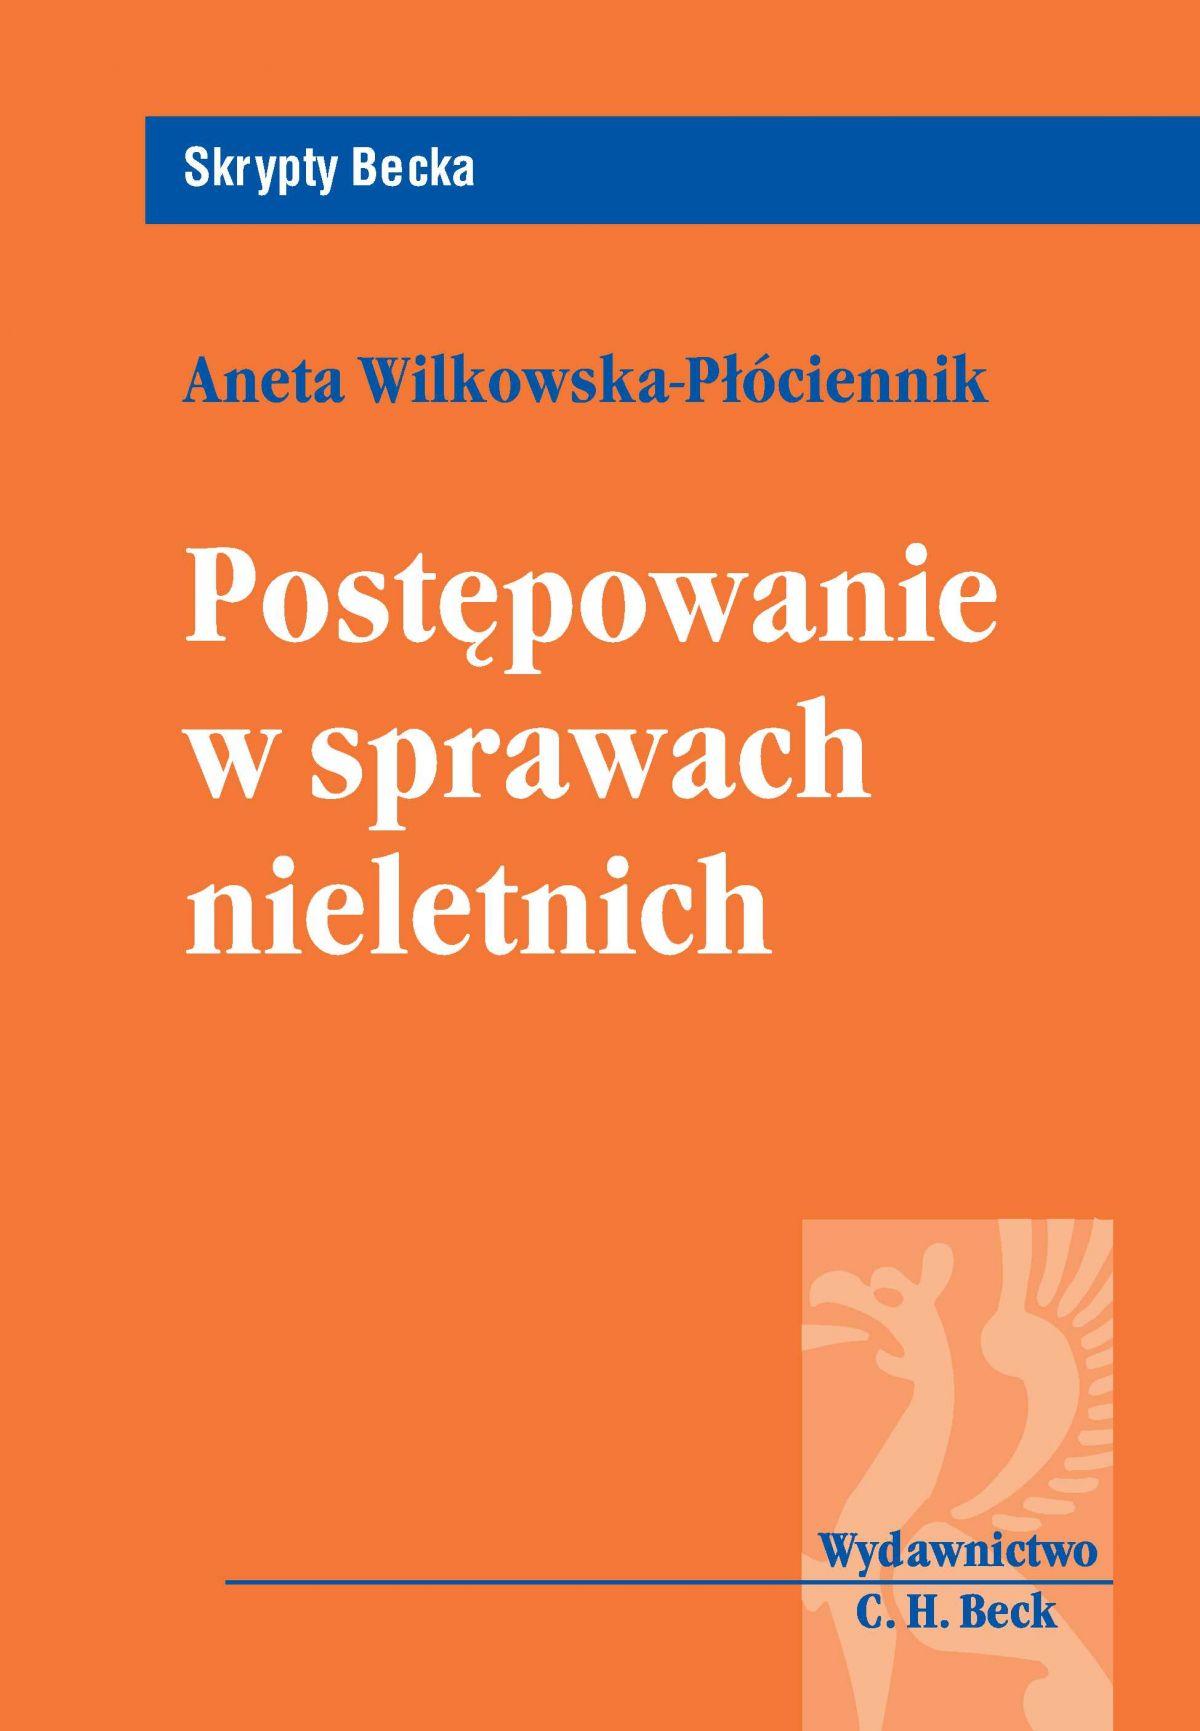 Postępowanie w sprawach nieletnich - Ebook (Książka PDF) do pobrania w formacie PDF